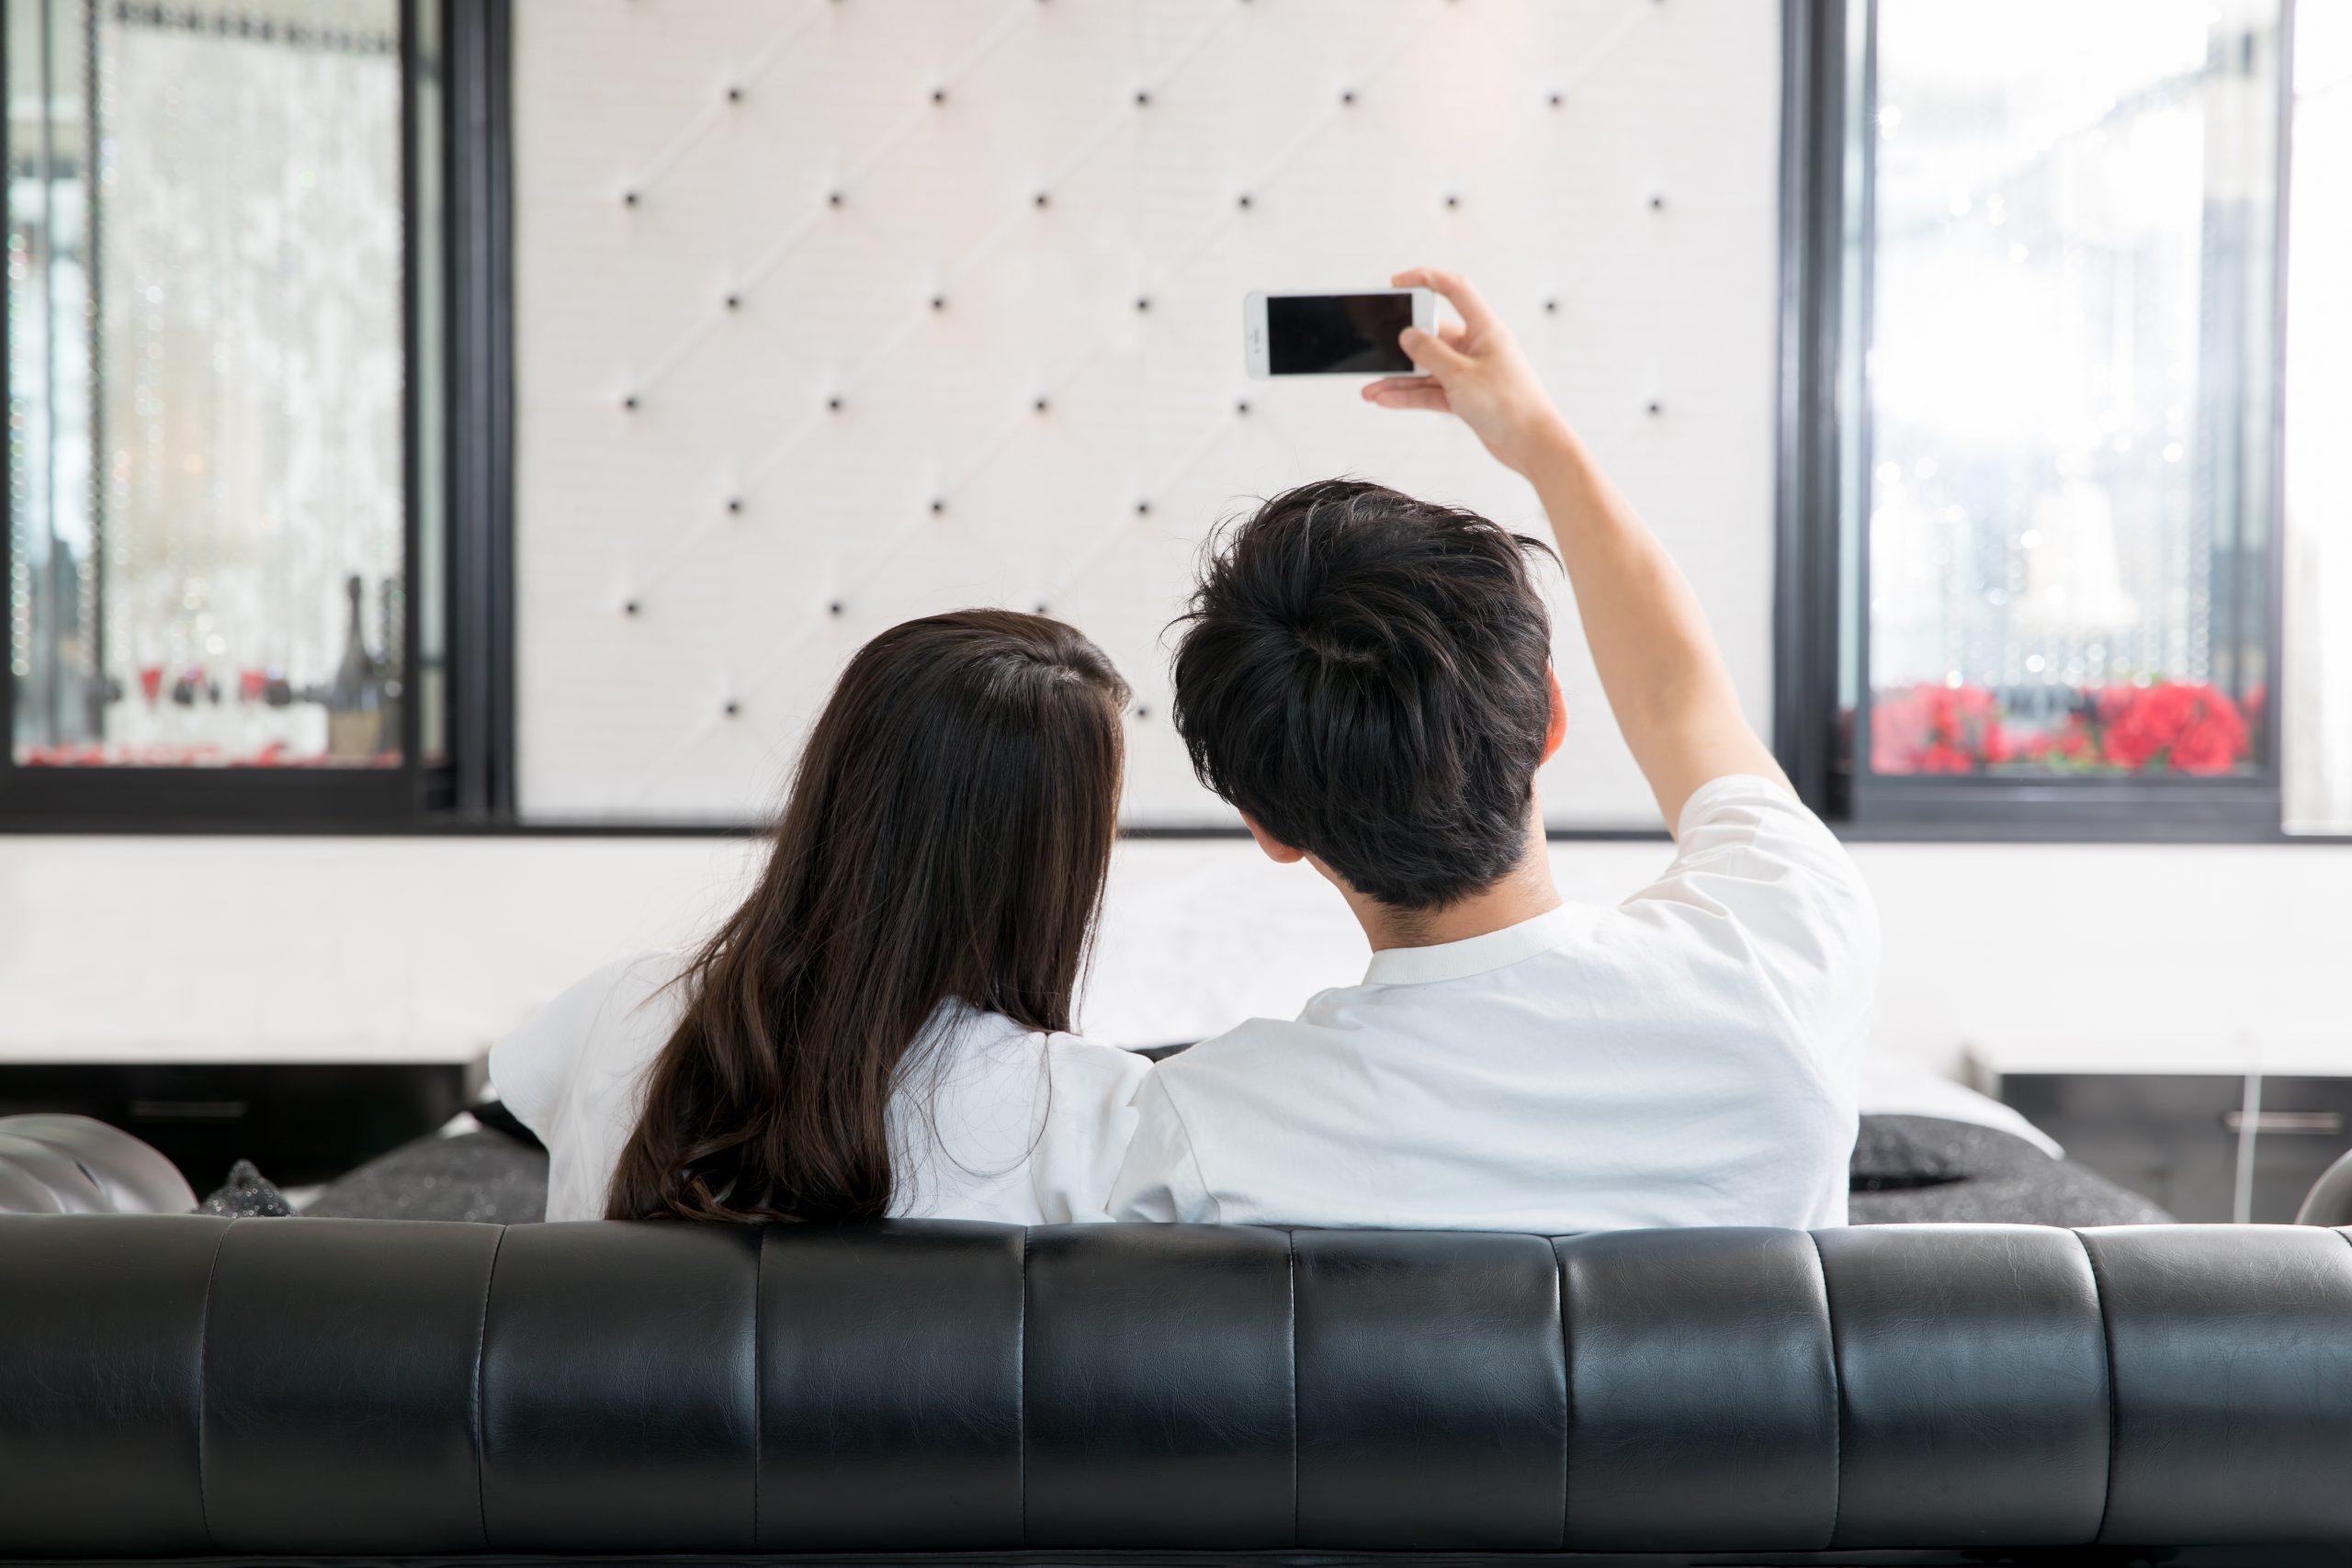 ソファで自撮りするカップル